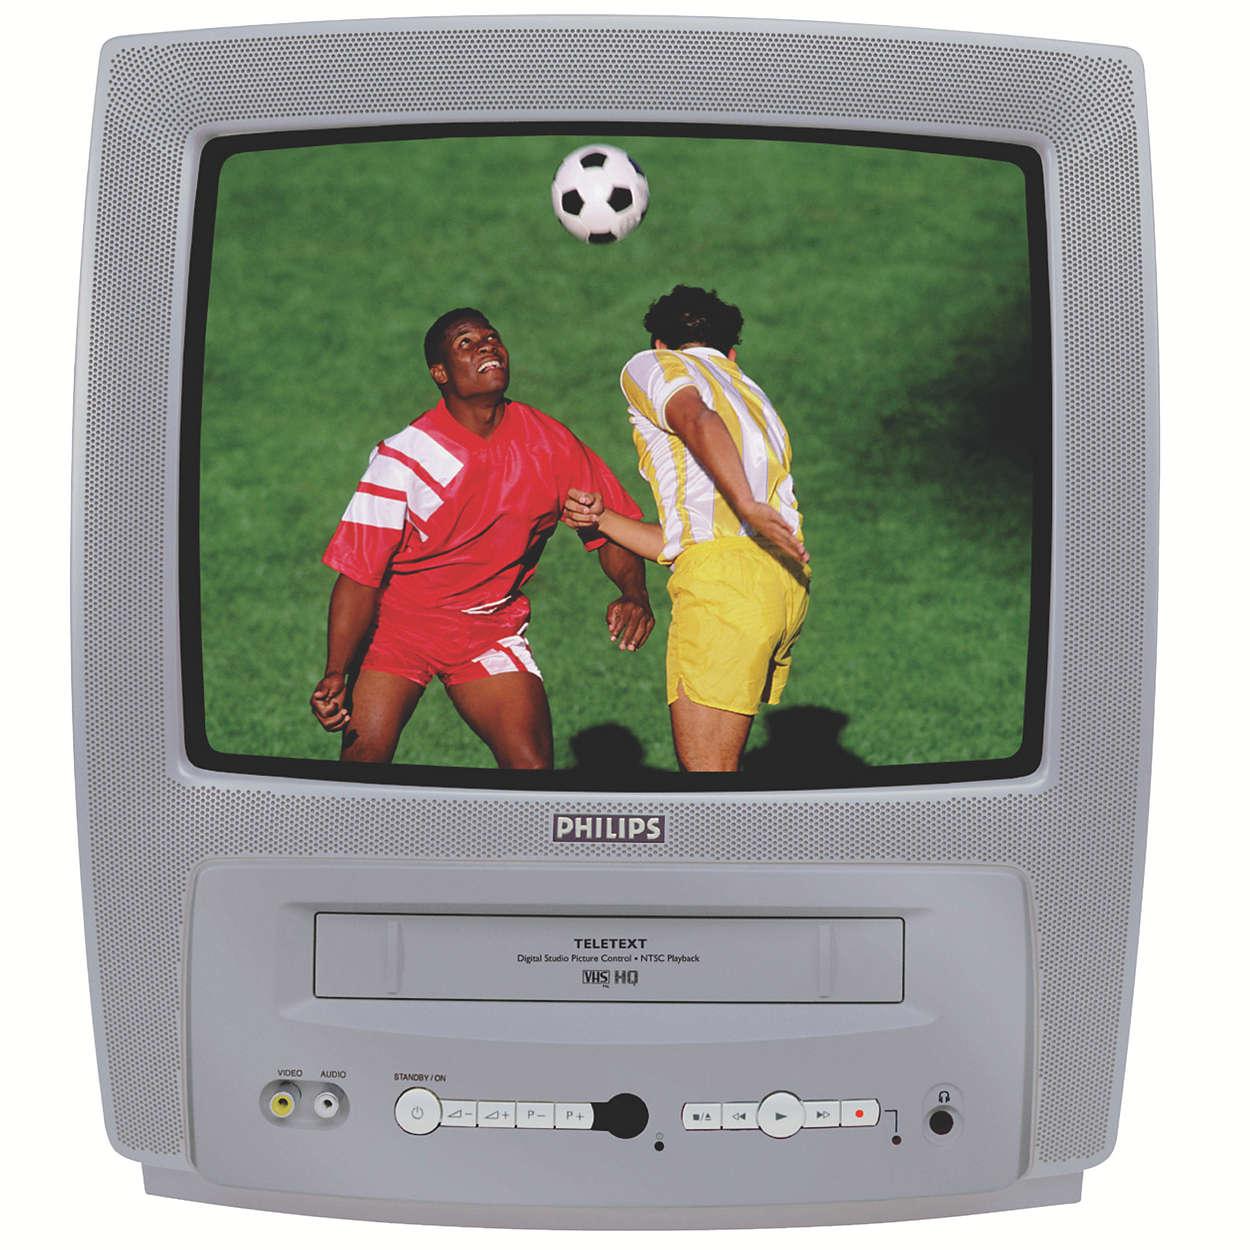 Un combi con vídeo, teletexto y pantalla de gran tamaño